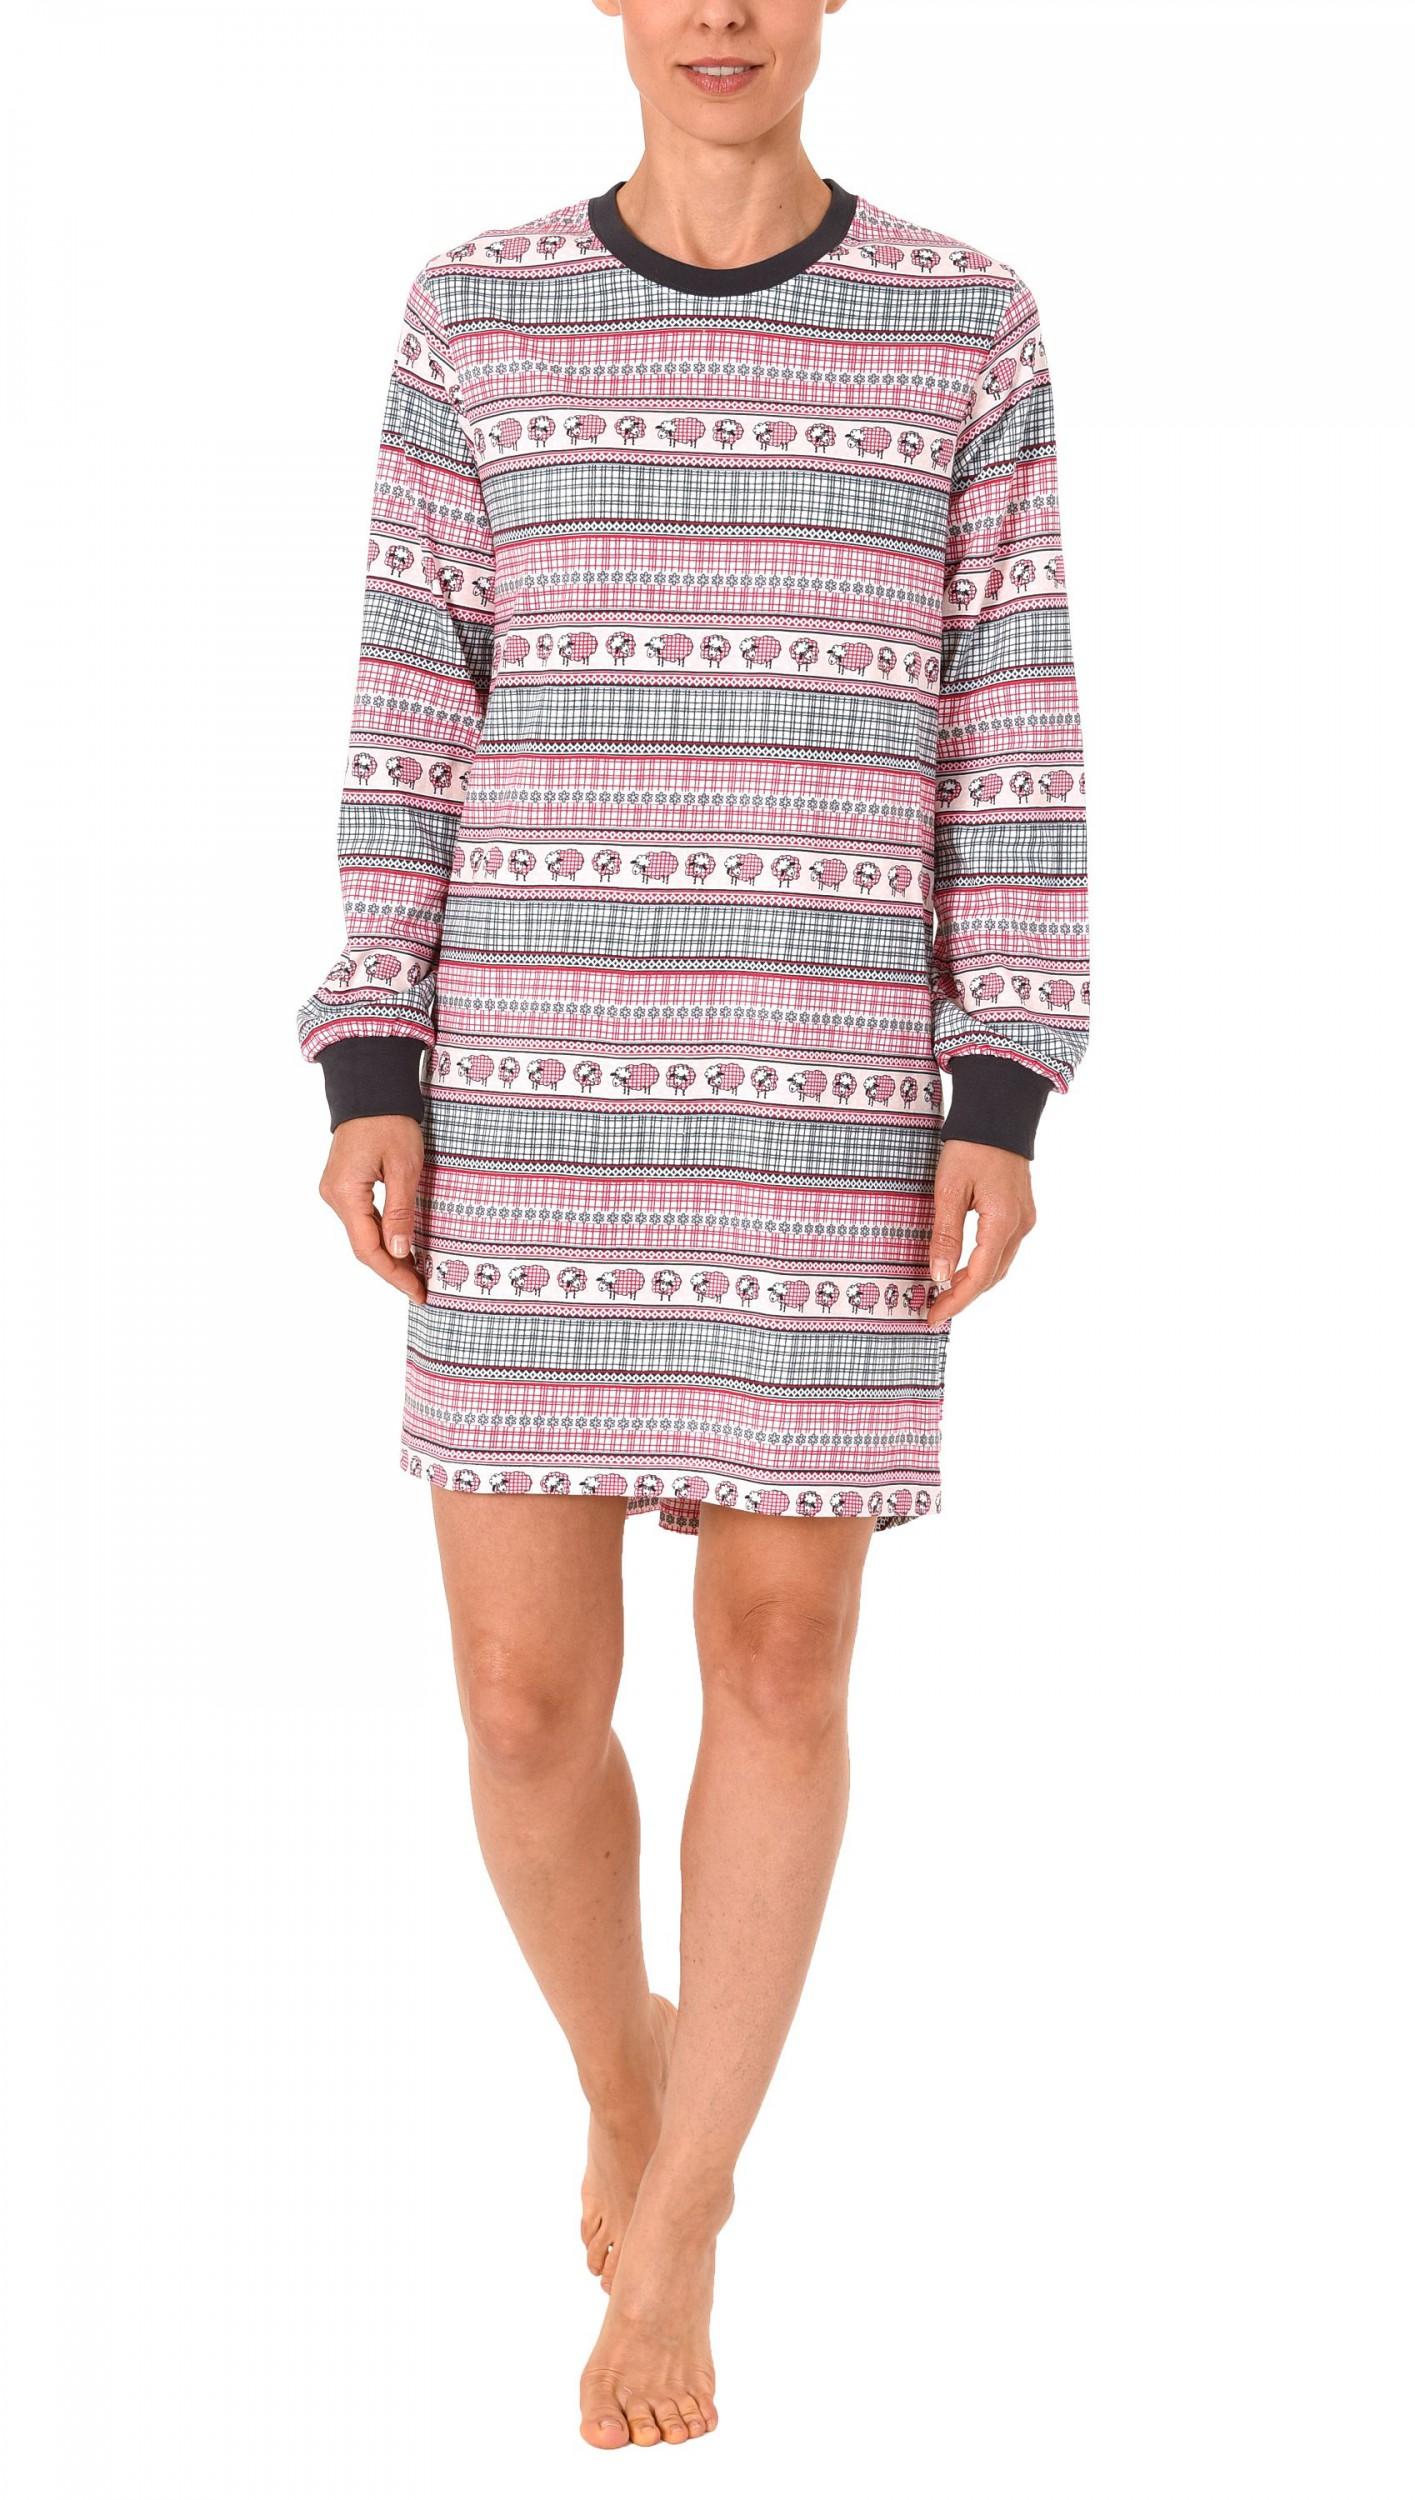 Cooles Damen Kurznachthemd mit Bündchen im Norweger Look – 271 213 90 418 – Bild 1